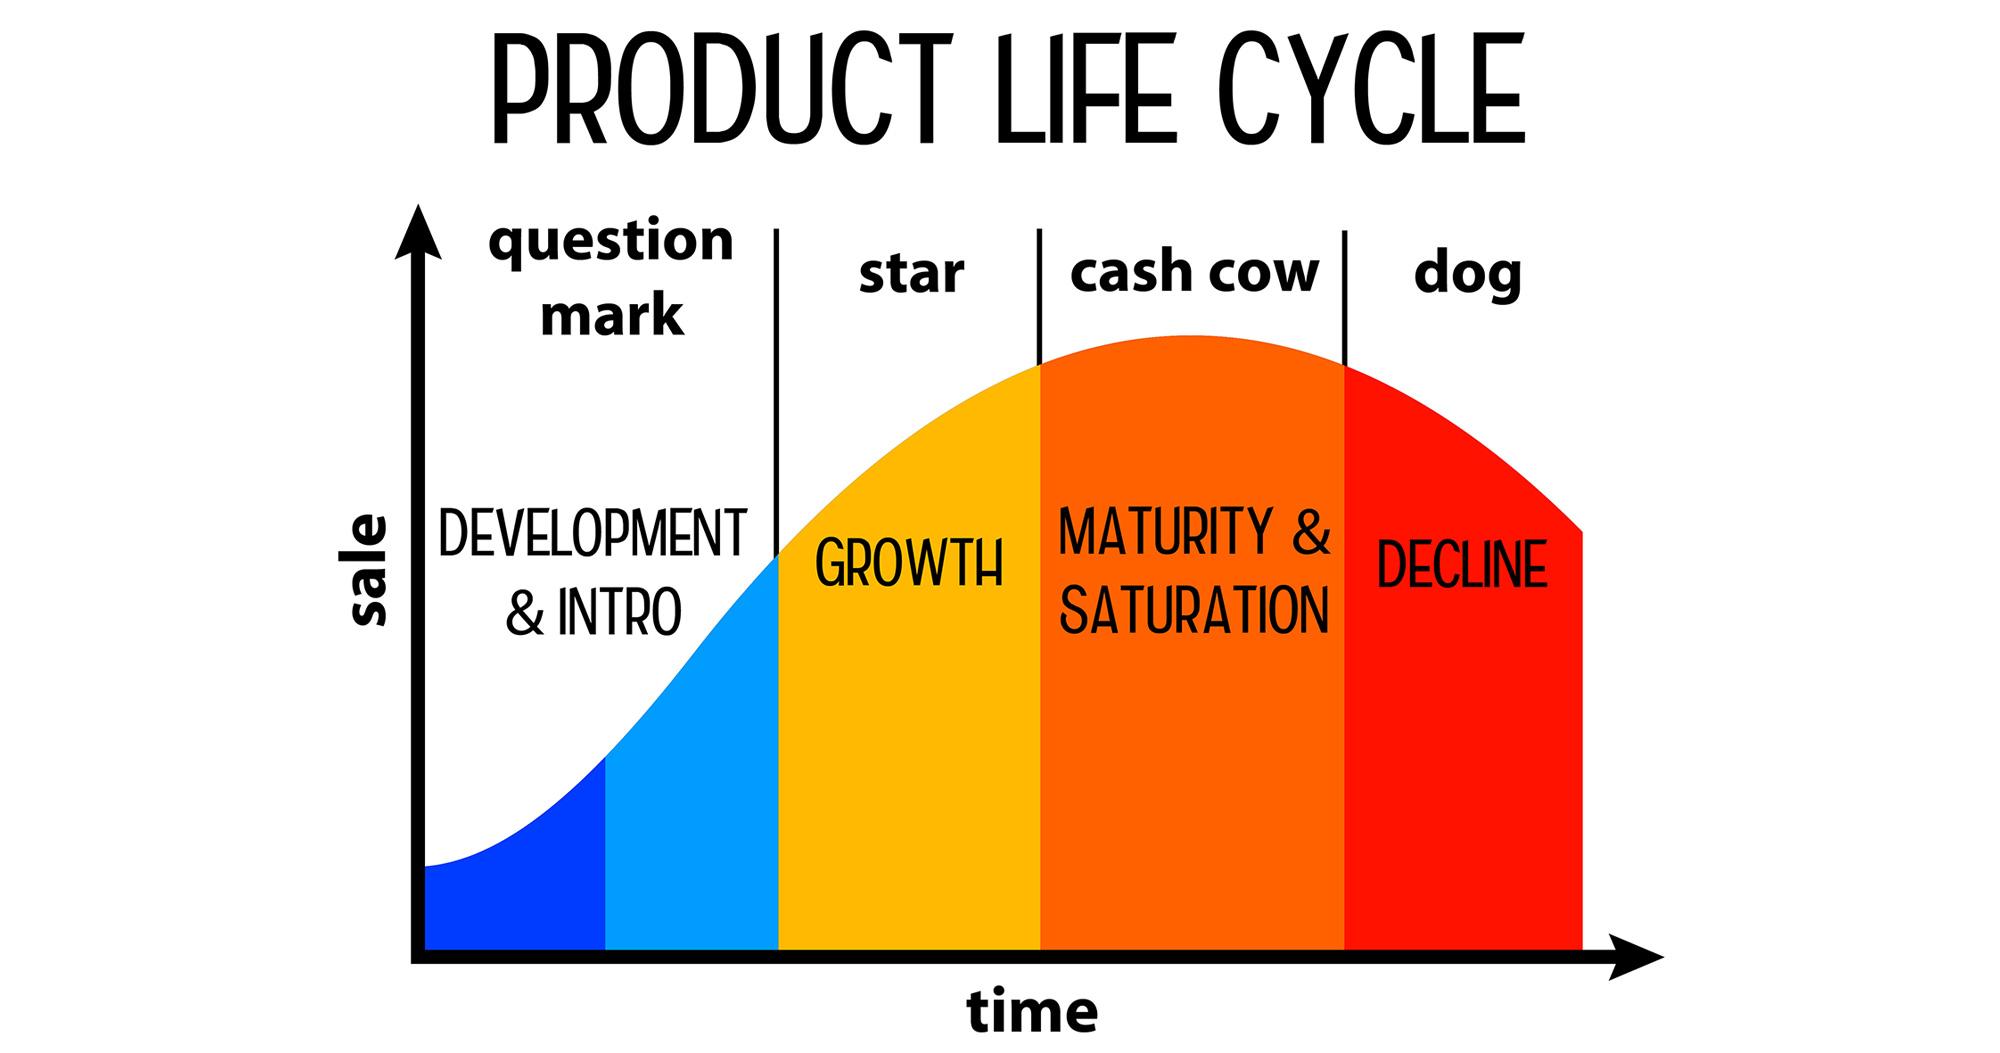 プロダクトライフサイクルとは?理解すべきメリットとマーケティング活動への活用